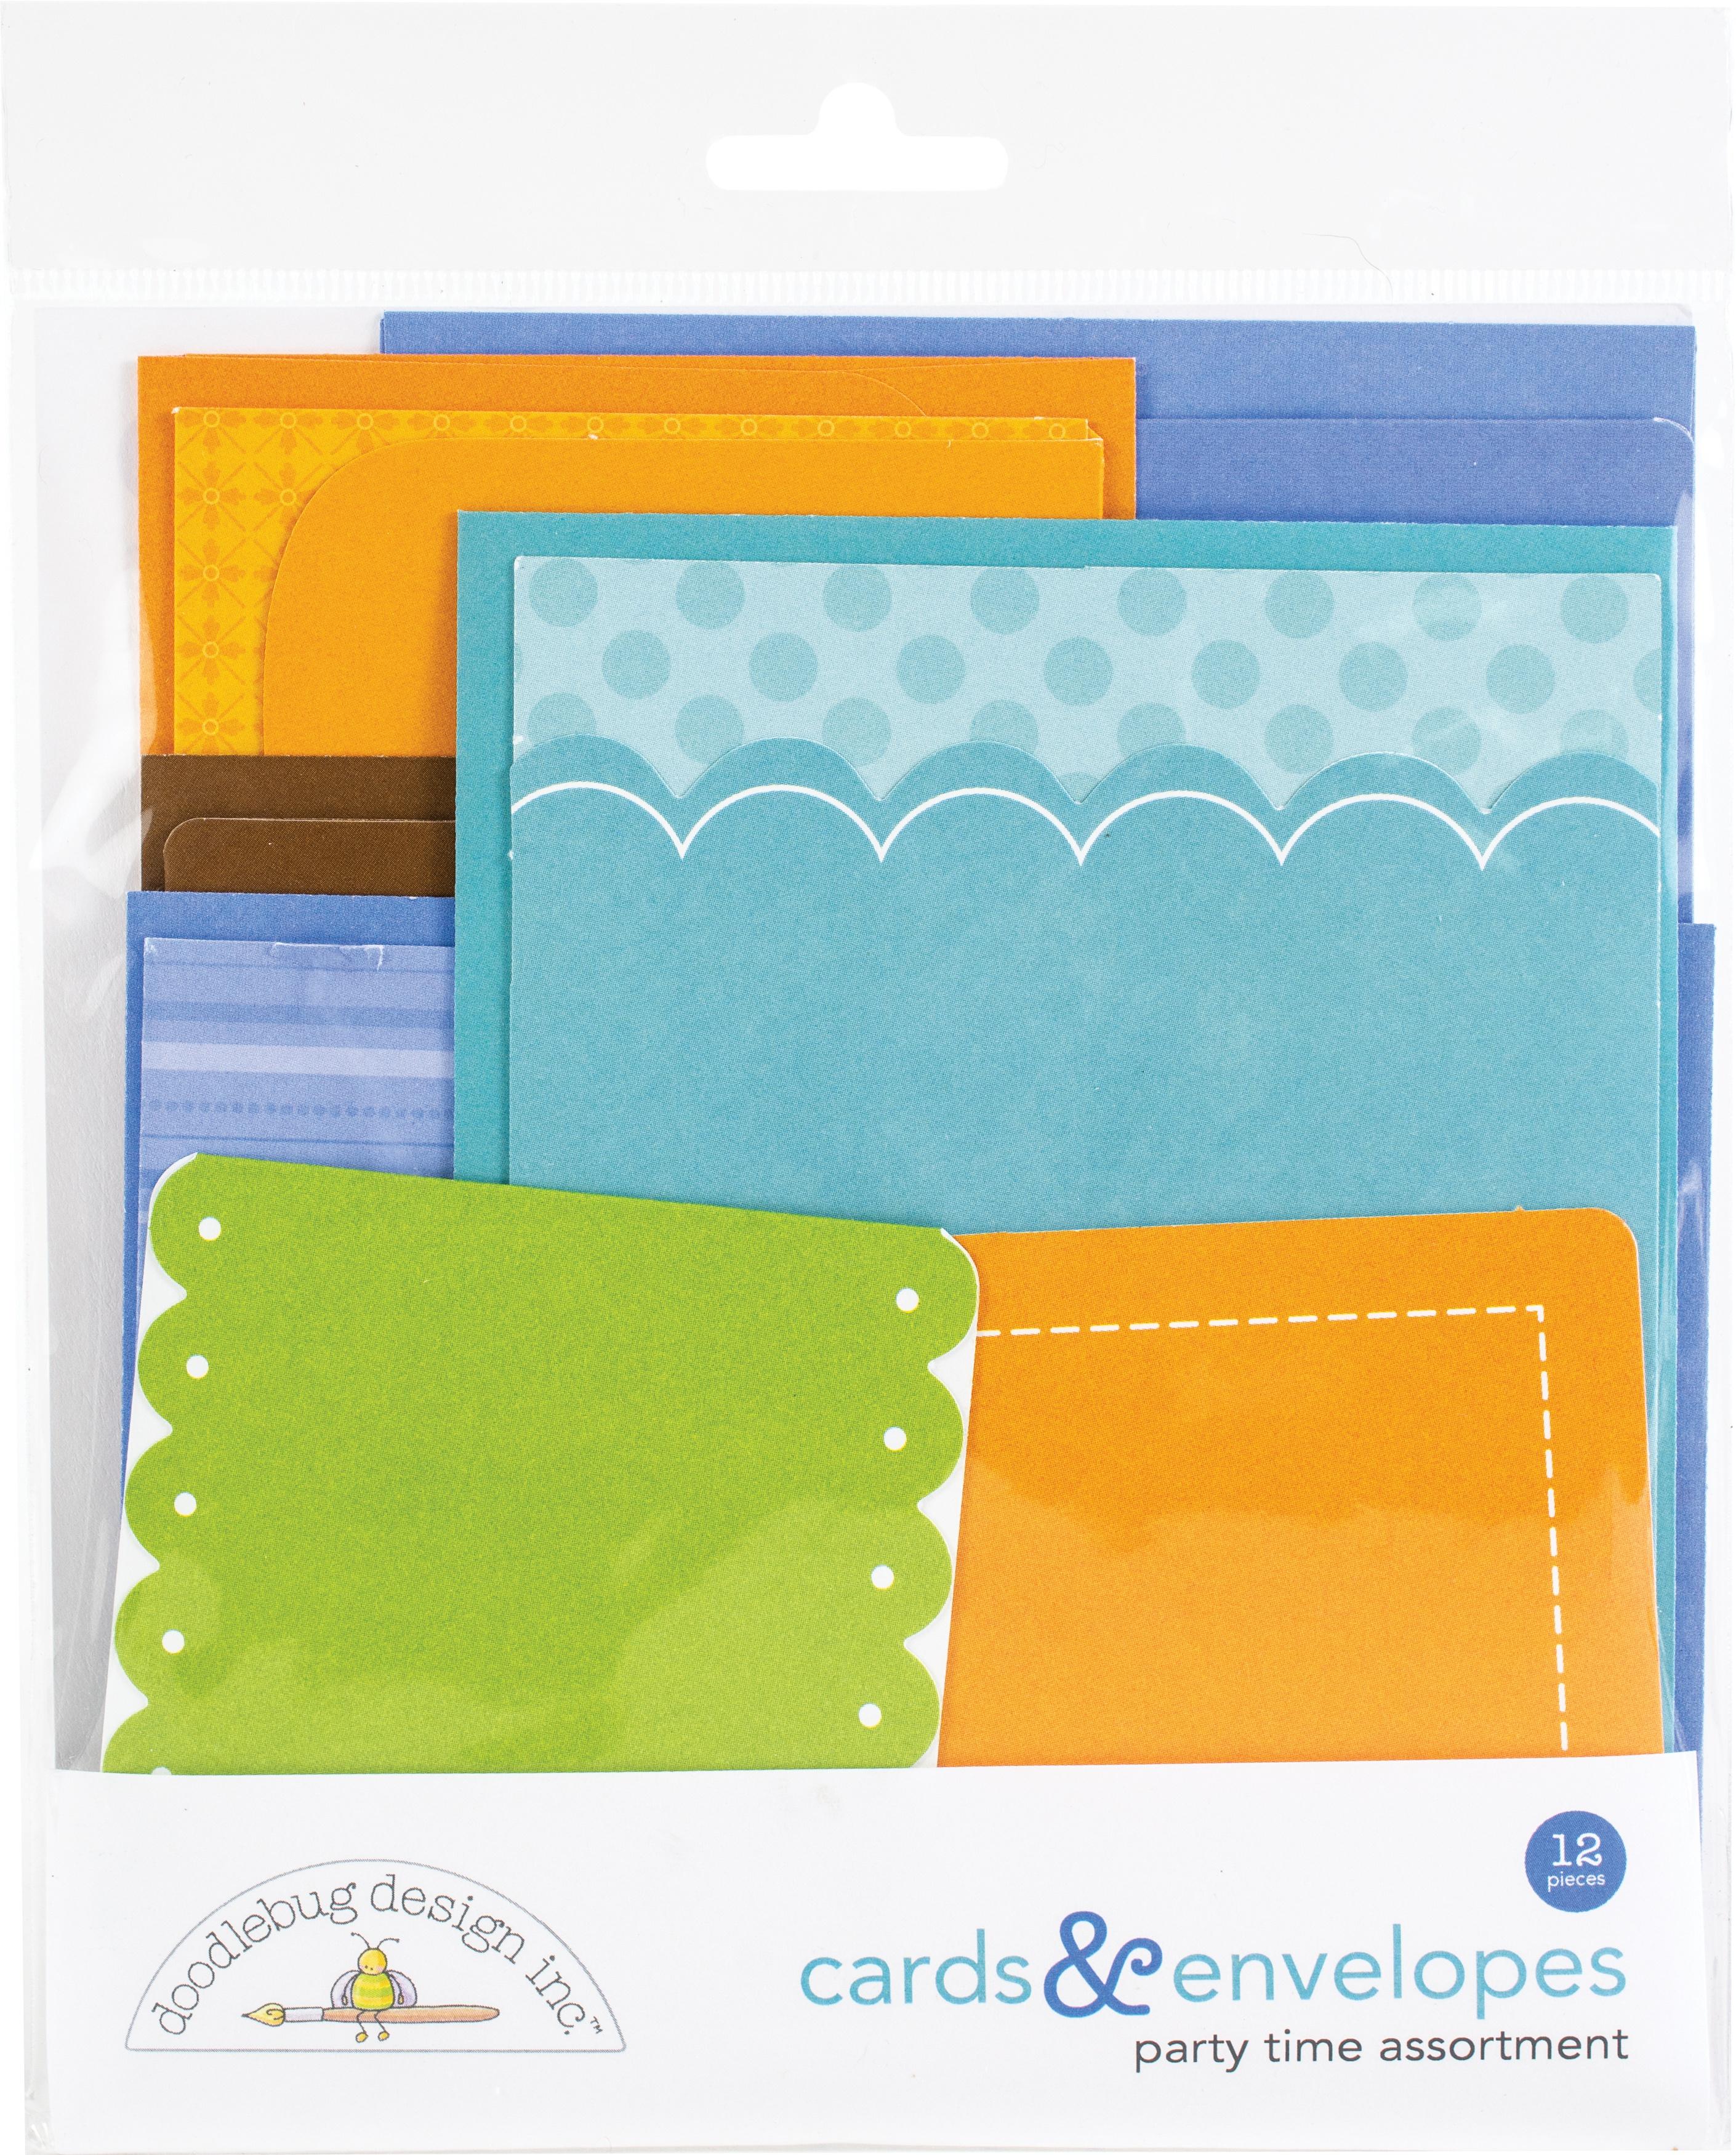 Doodlebug Cards & Envelopes 12/Pkg-Party Time, 6 Cards/6 Envelopes